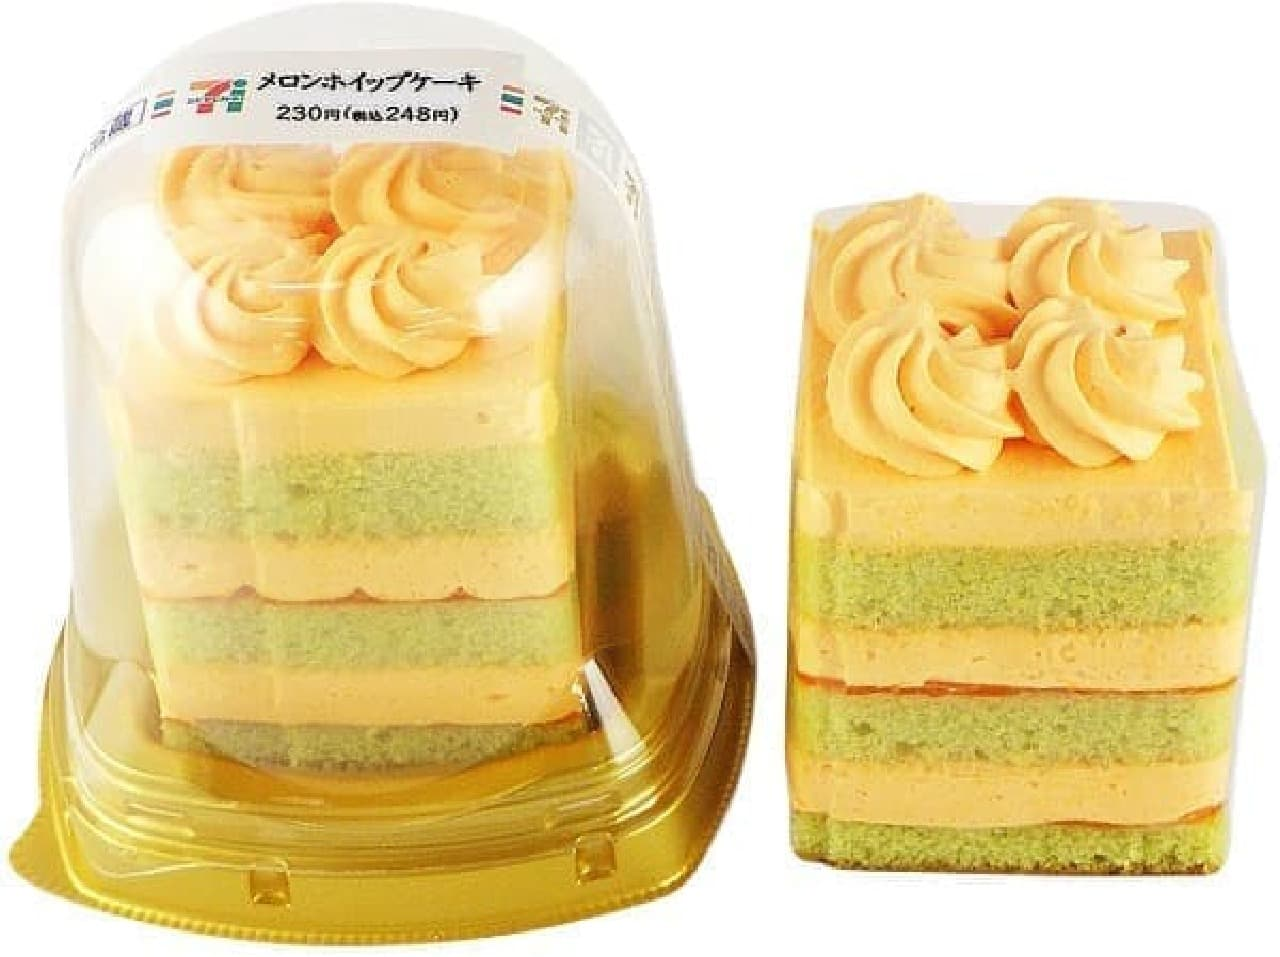 セブン-イレブン「メロンホイップケーキ」